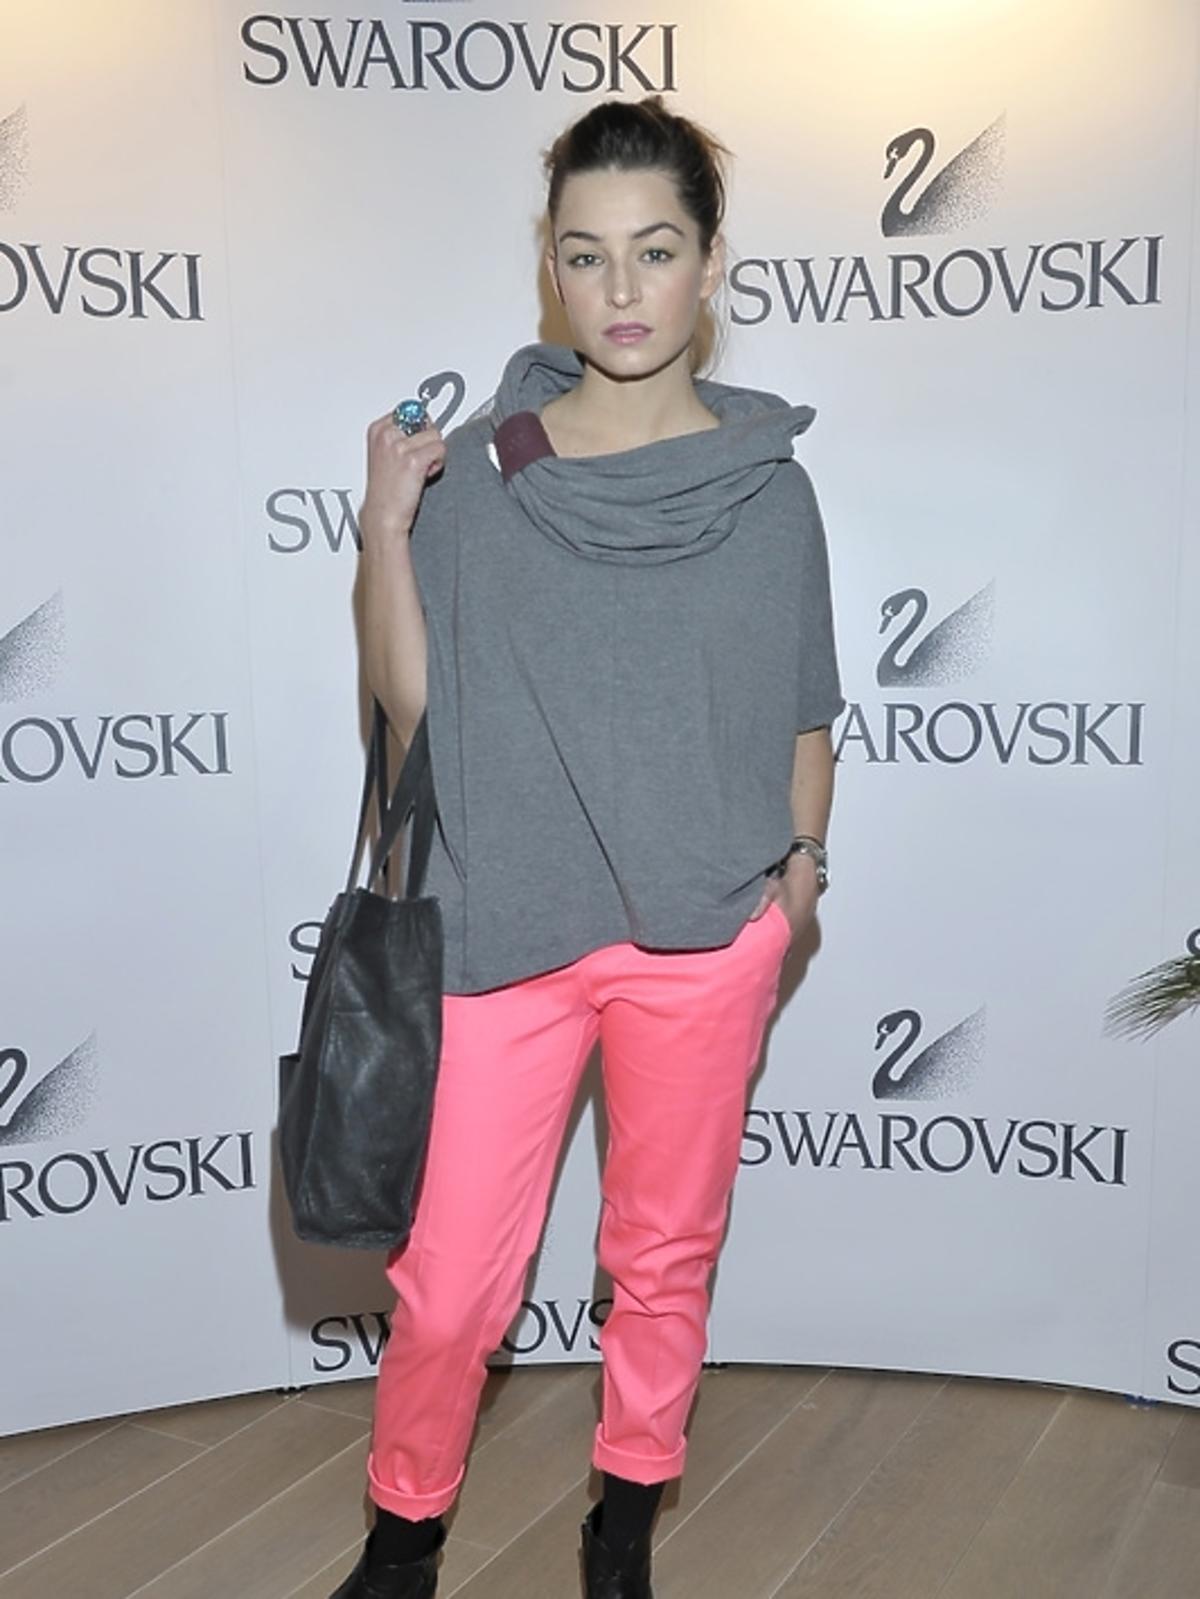 Agnieszka Więdłocha na pokazie kolekcji Swarovski - lato 2013